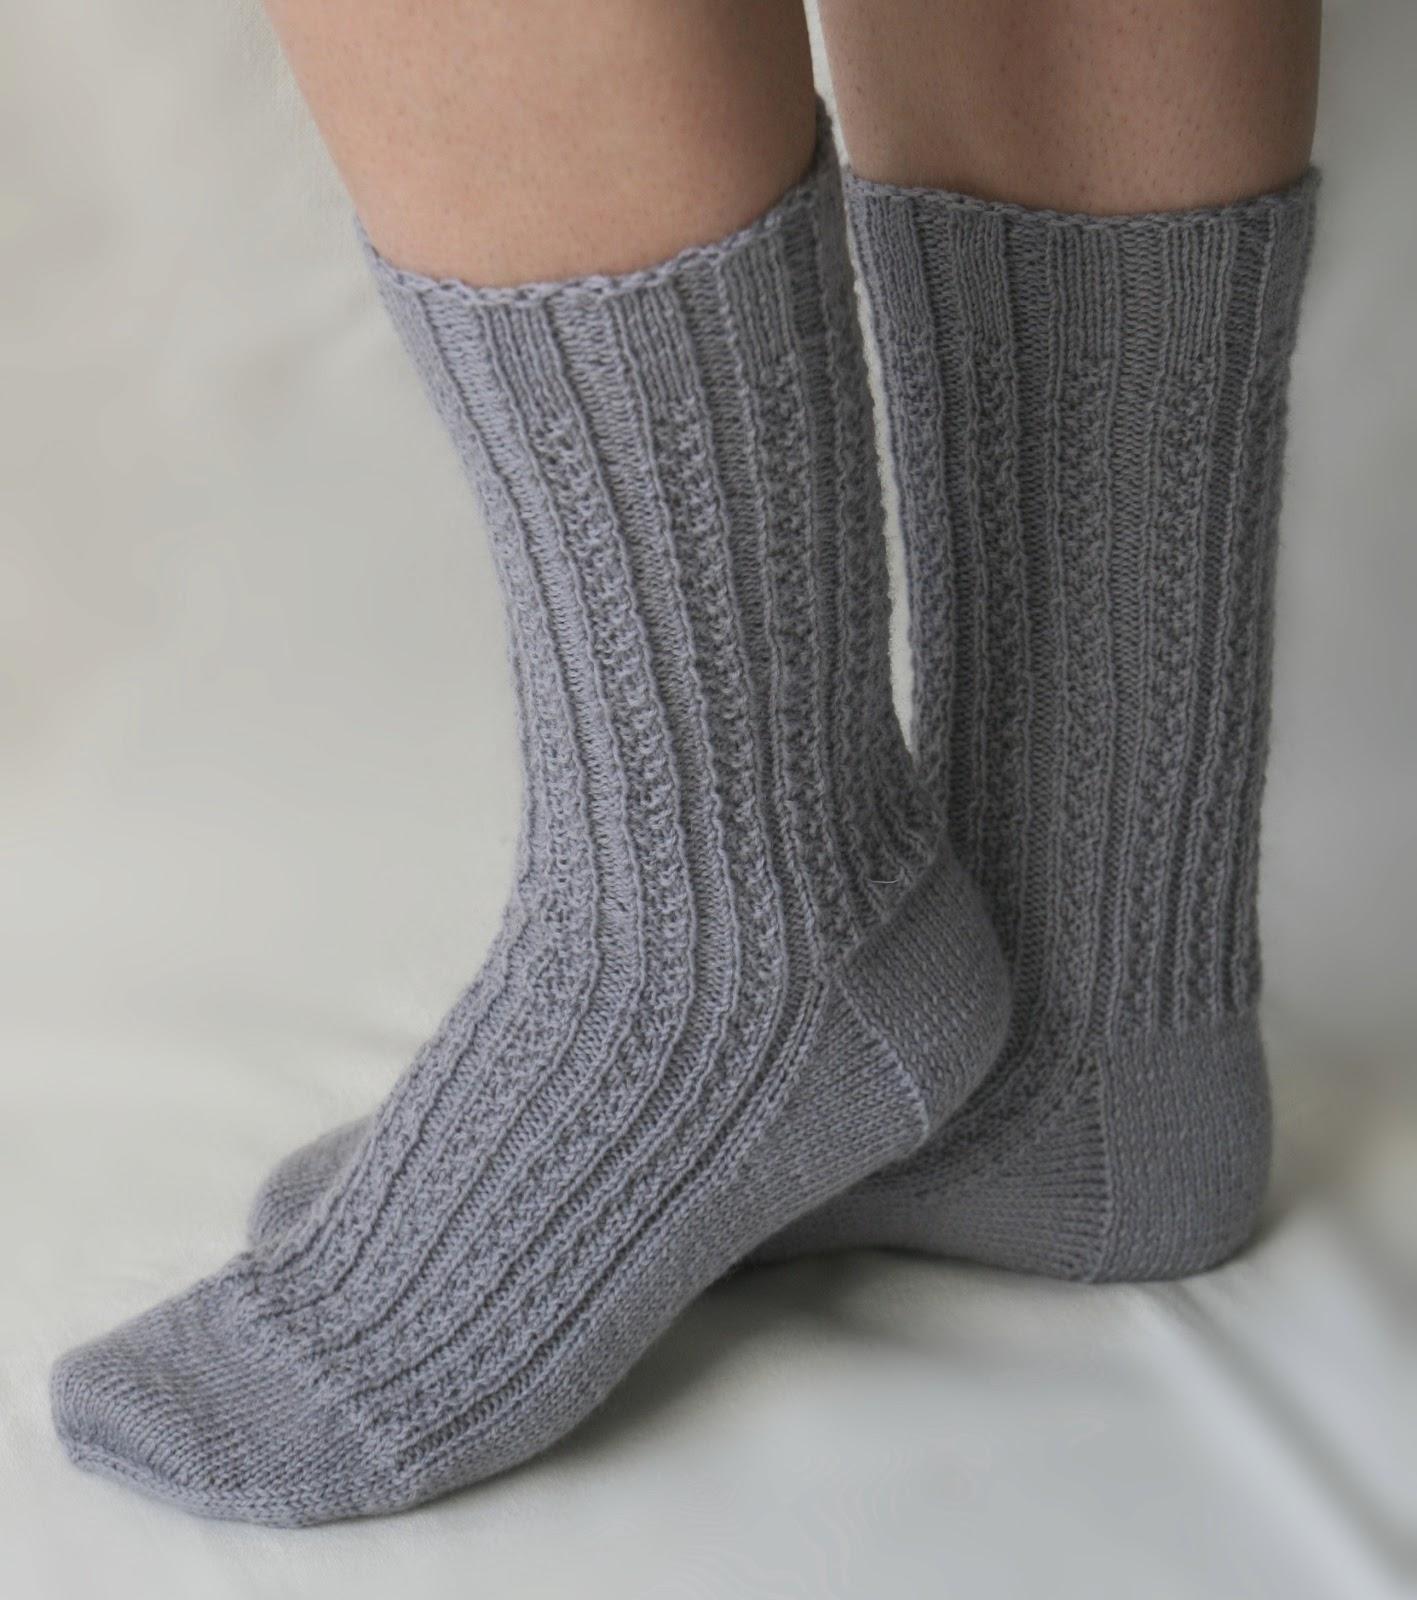 zur abwechslung und entspannung wieder einmal ein paar socken fr mich selber mit einem einprgsamen rechts links muster dieses wartete schon seit geraumer - Muster Fur Socken